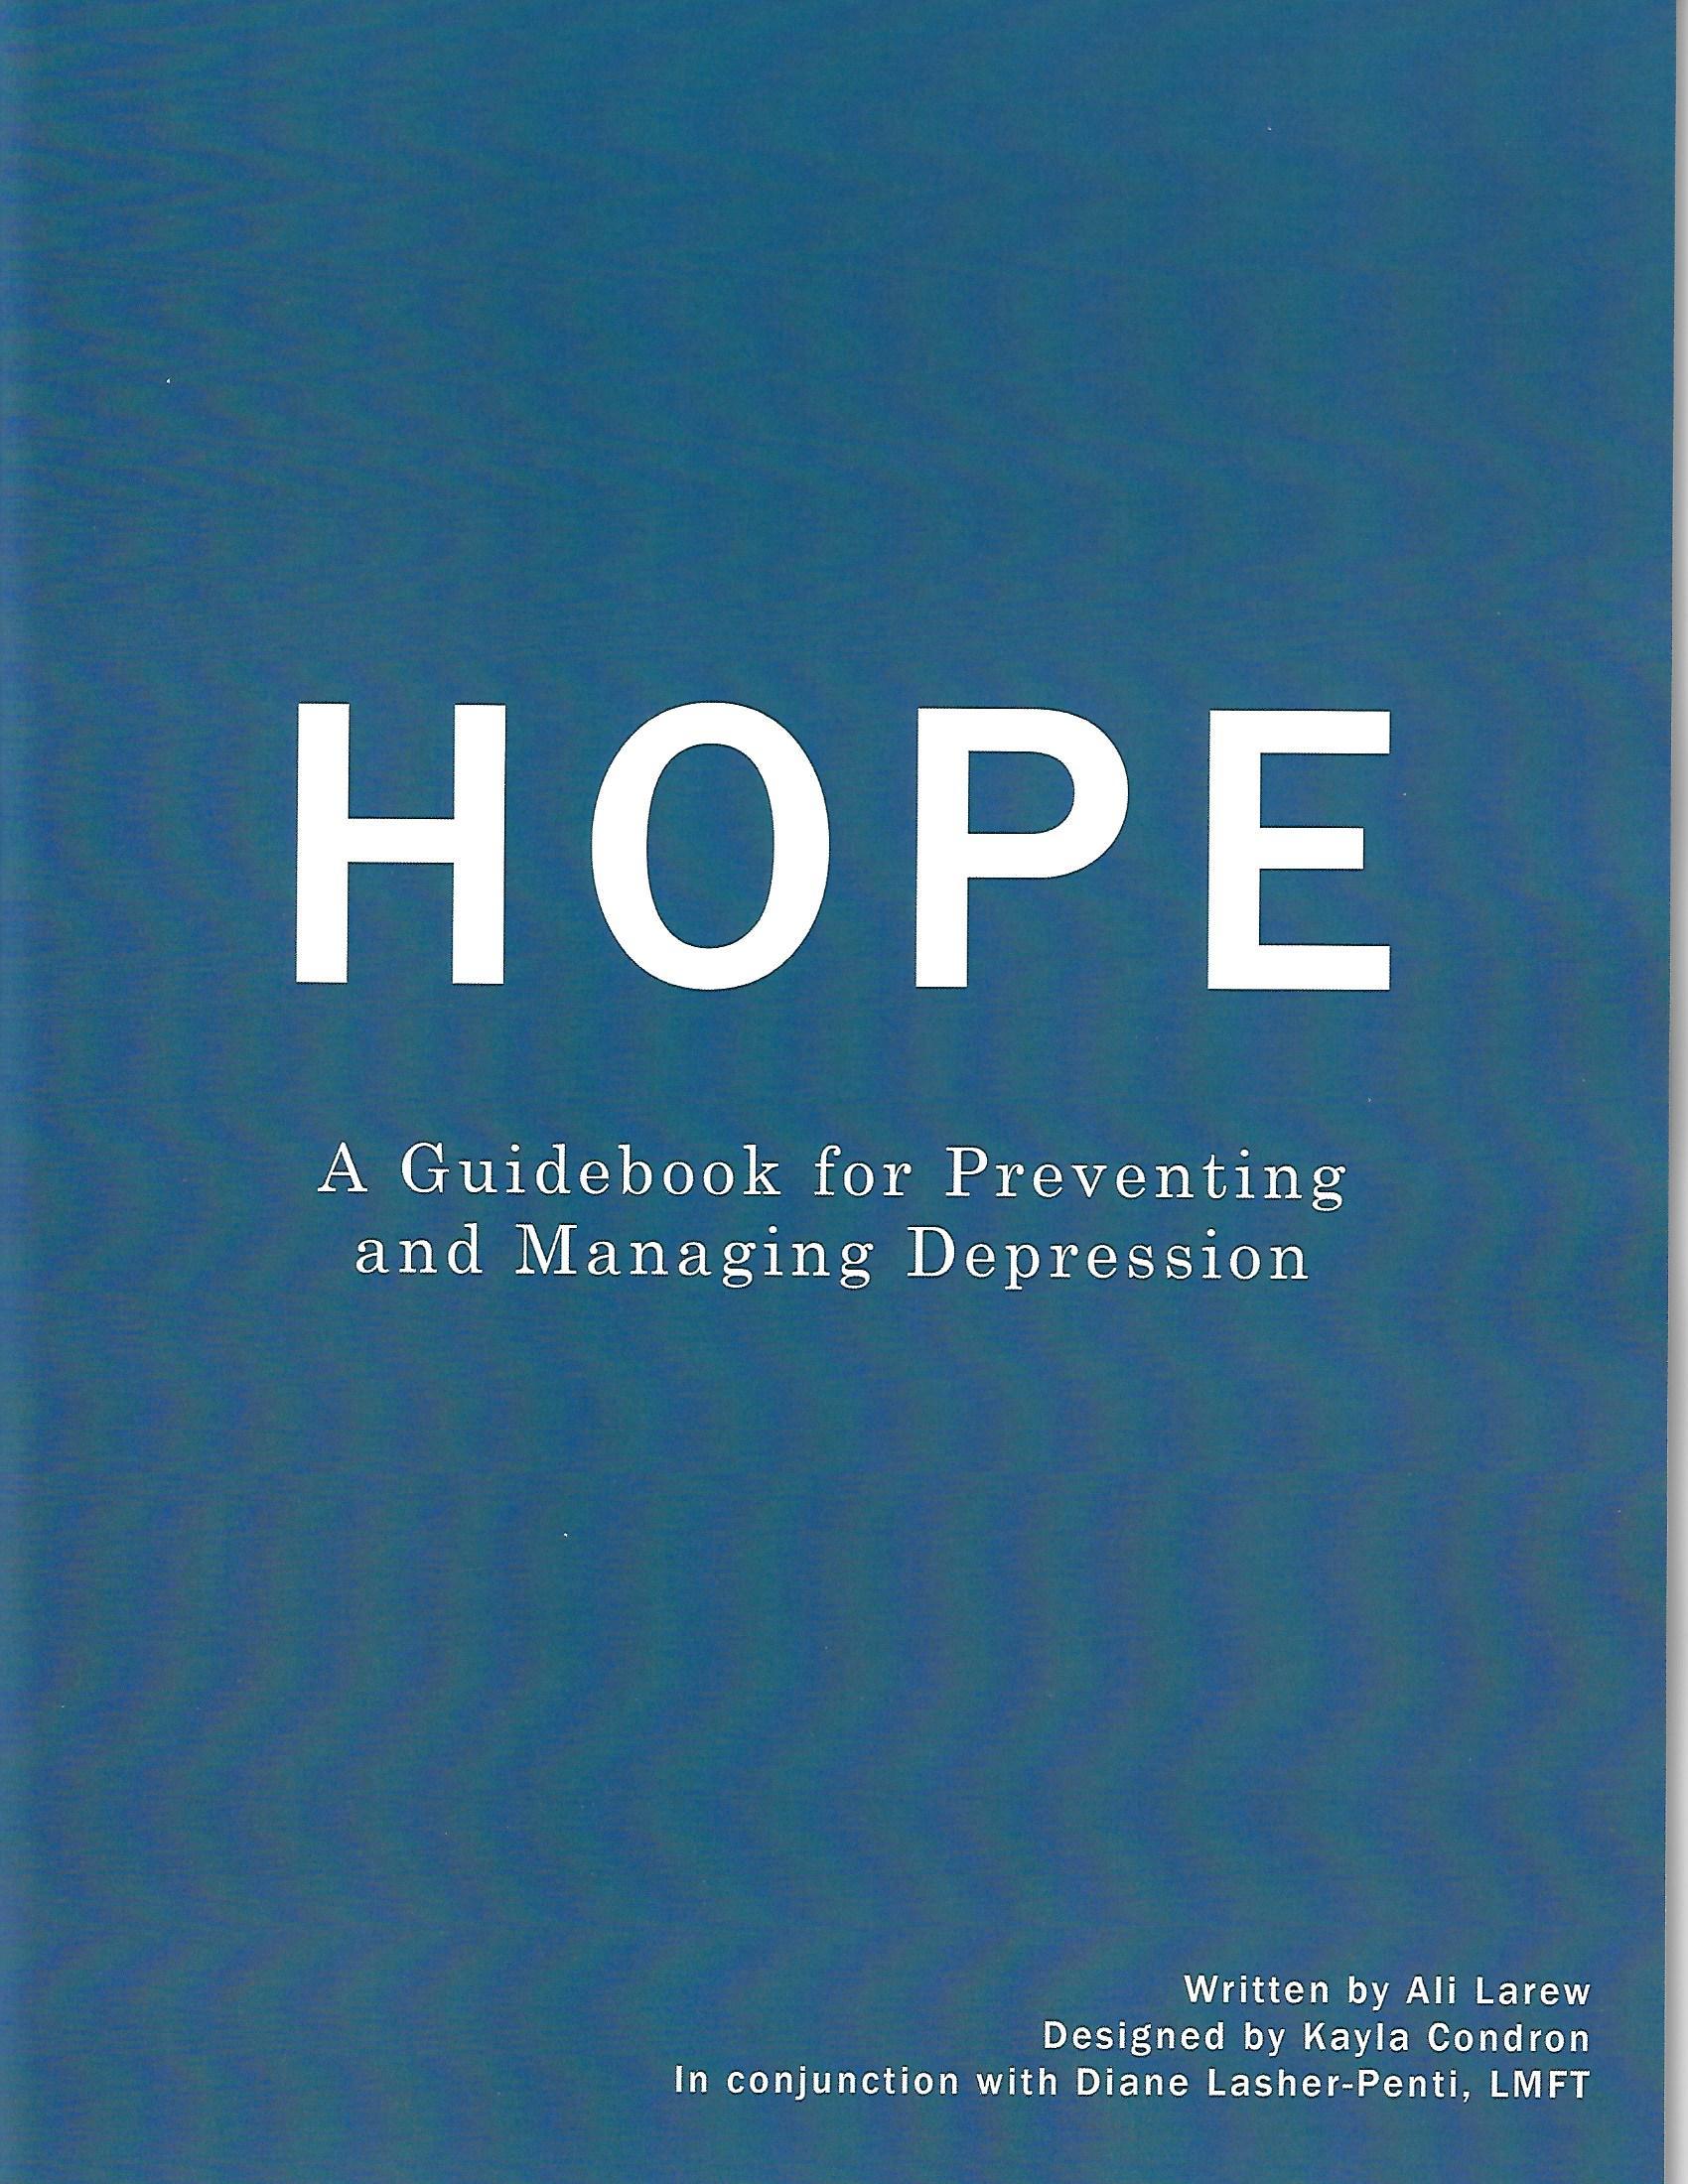 HOPE booklet.jpg